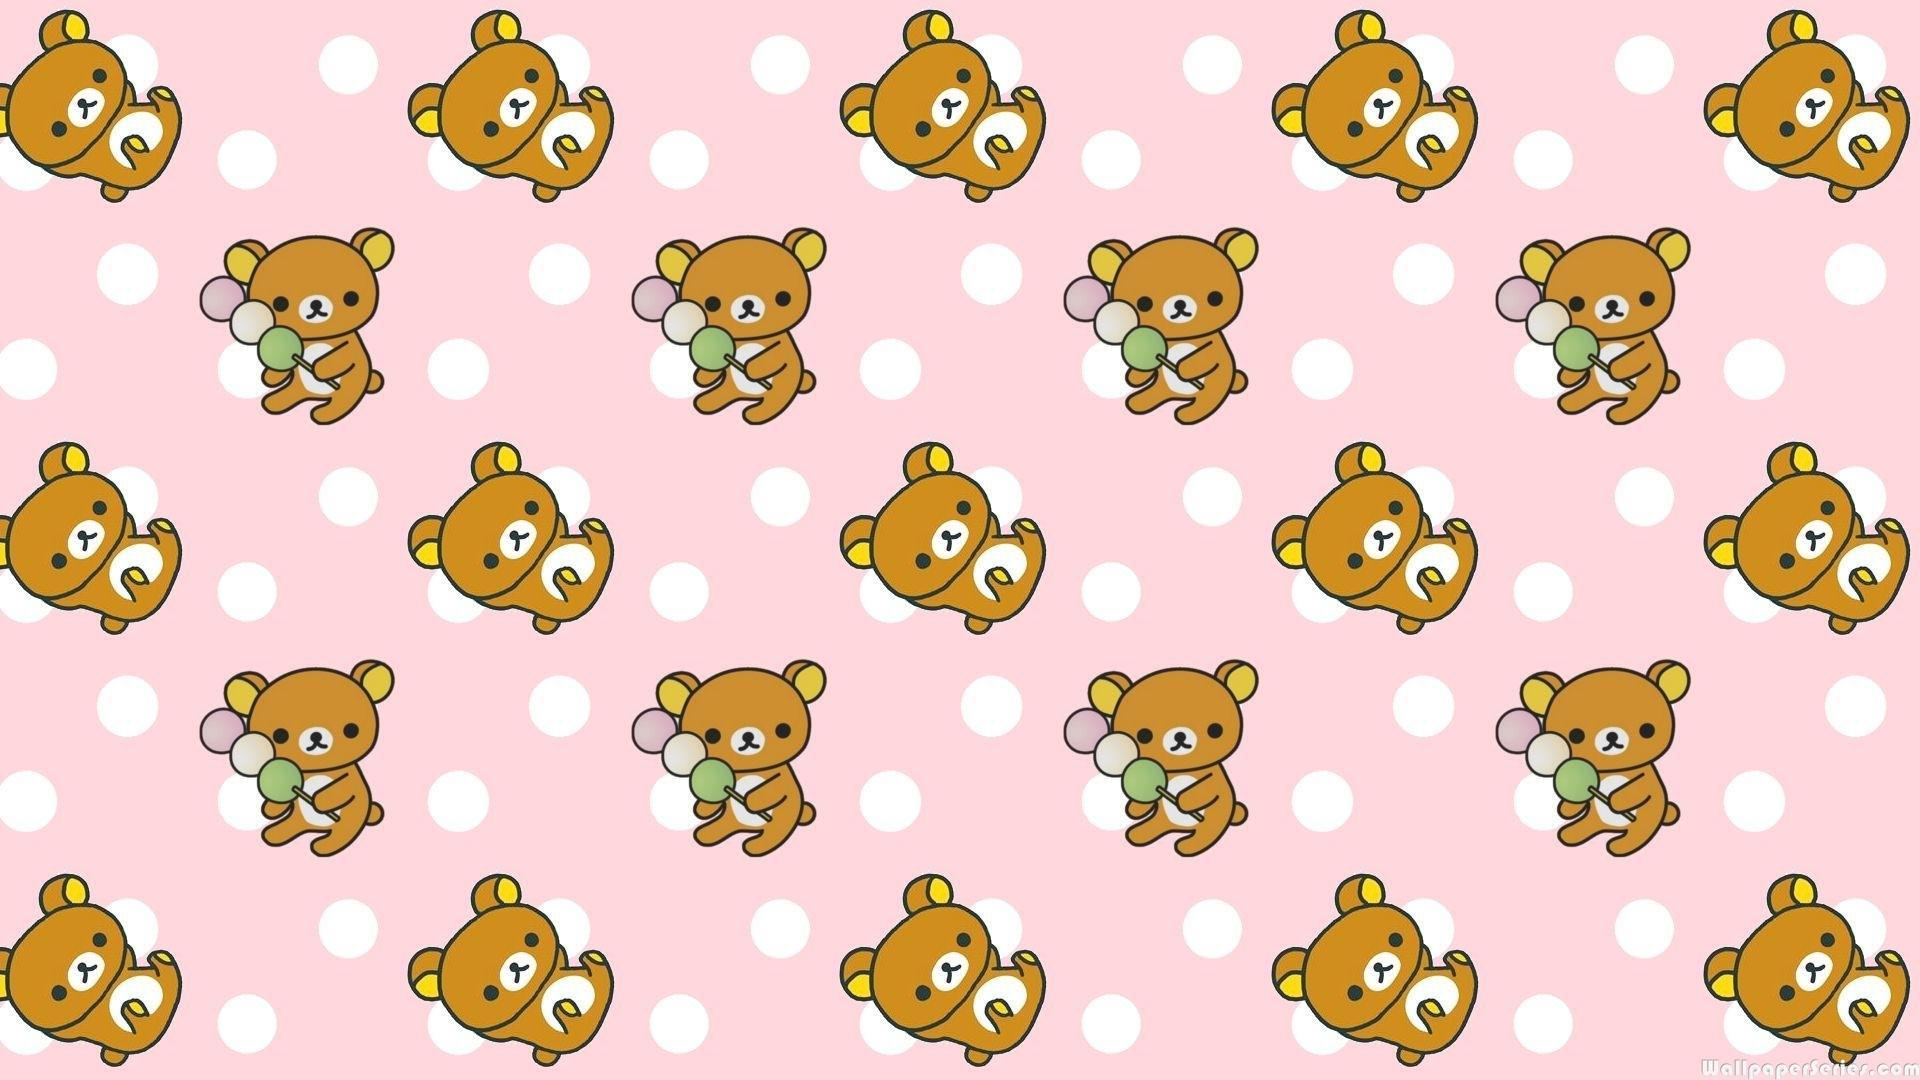 HD Rilakkuma Cute Pattern Wallpaper Download 139090 1920x1080